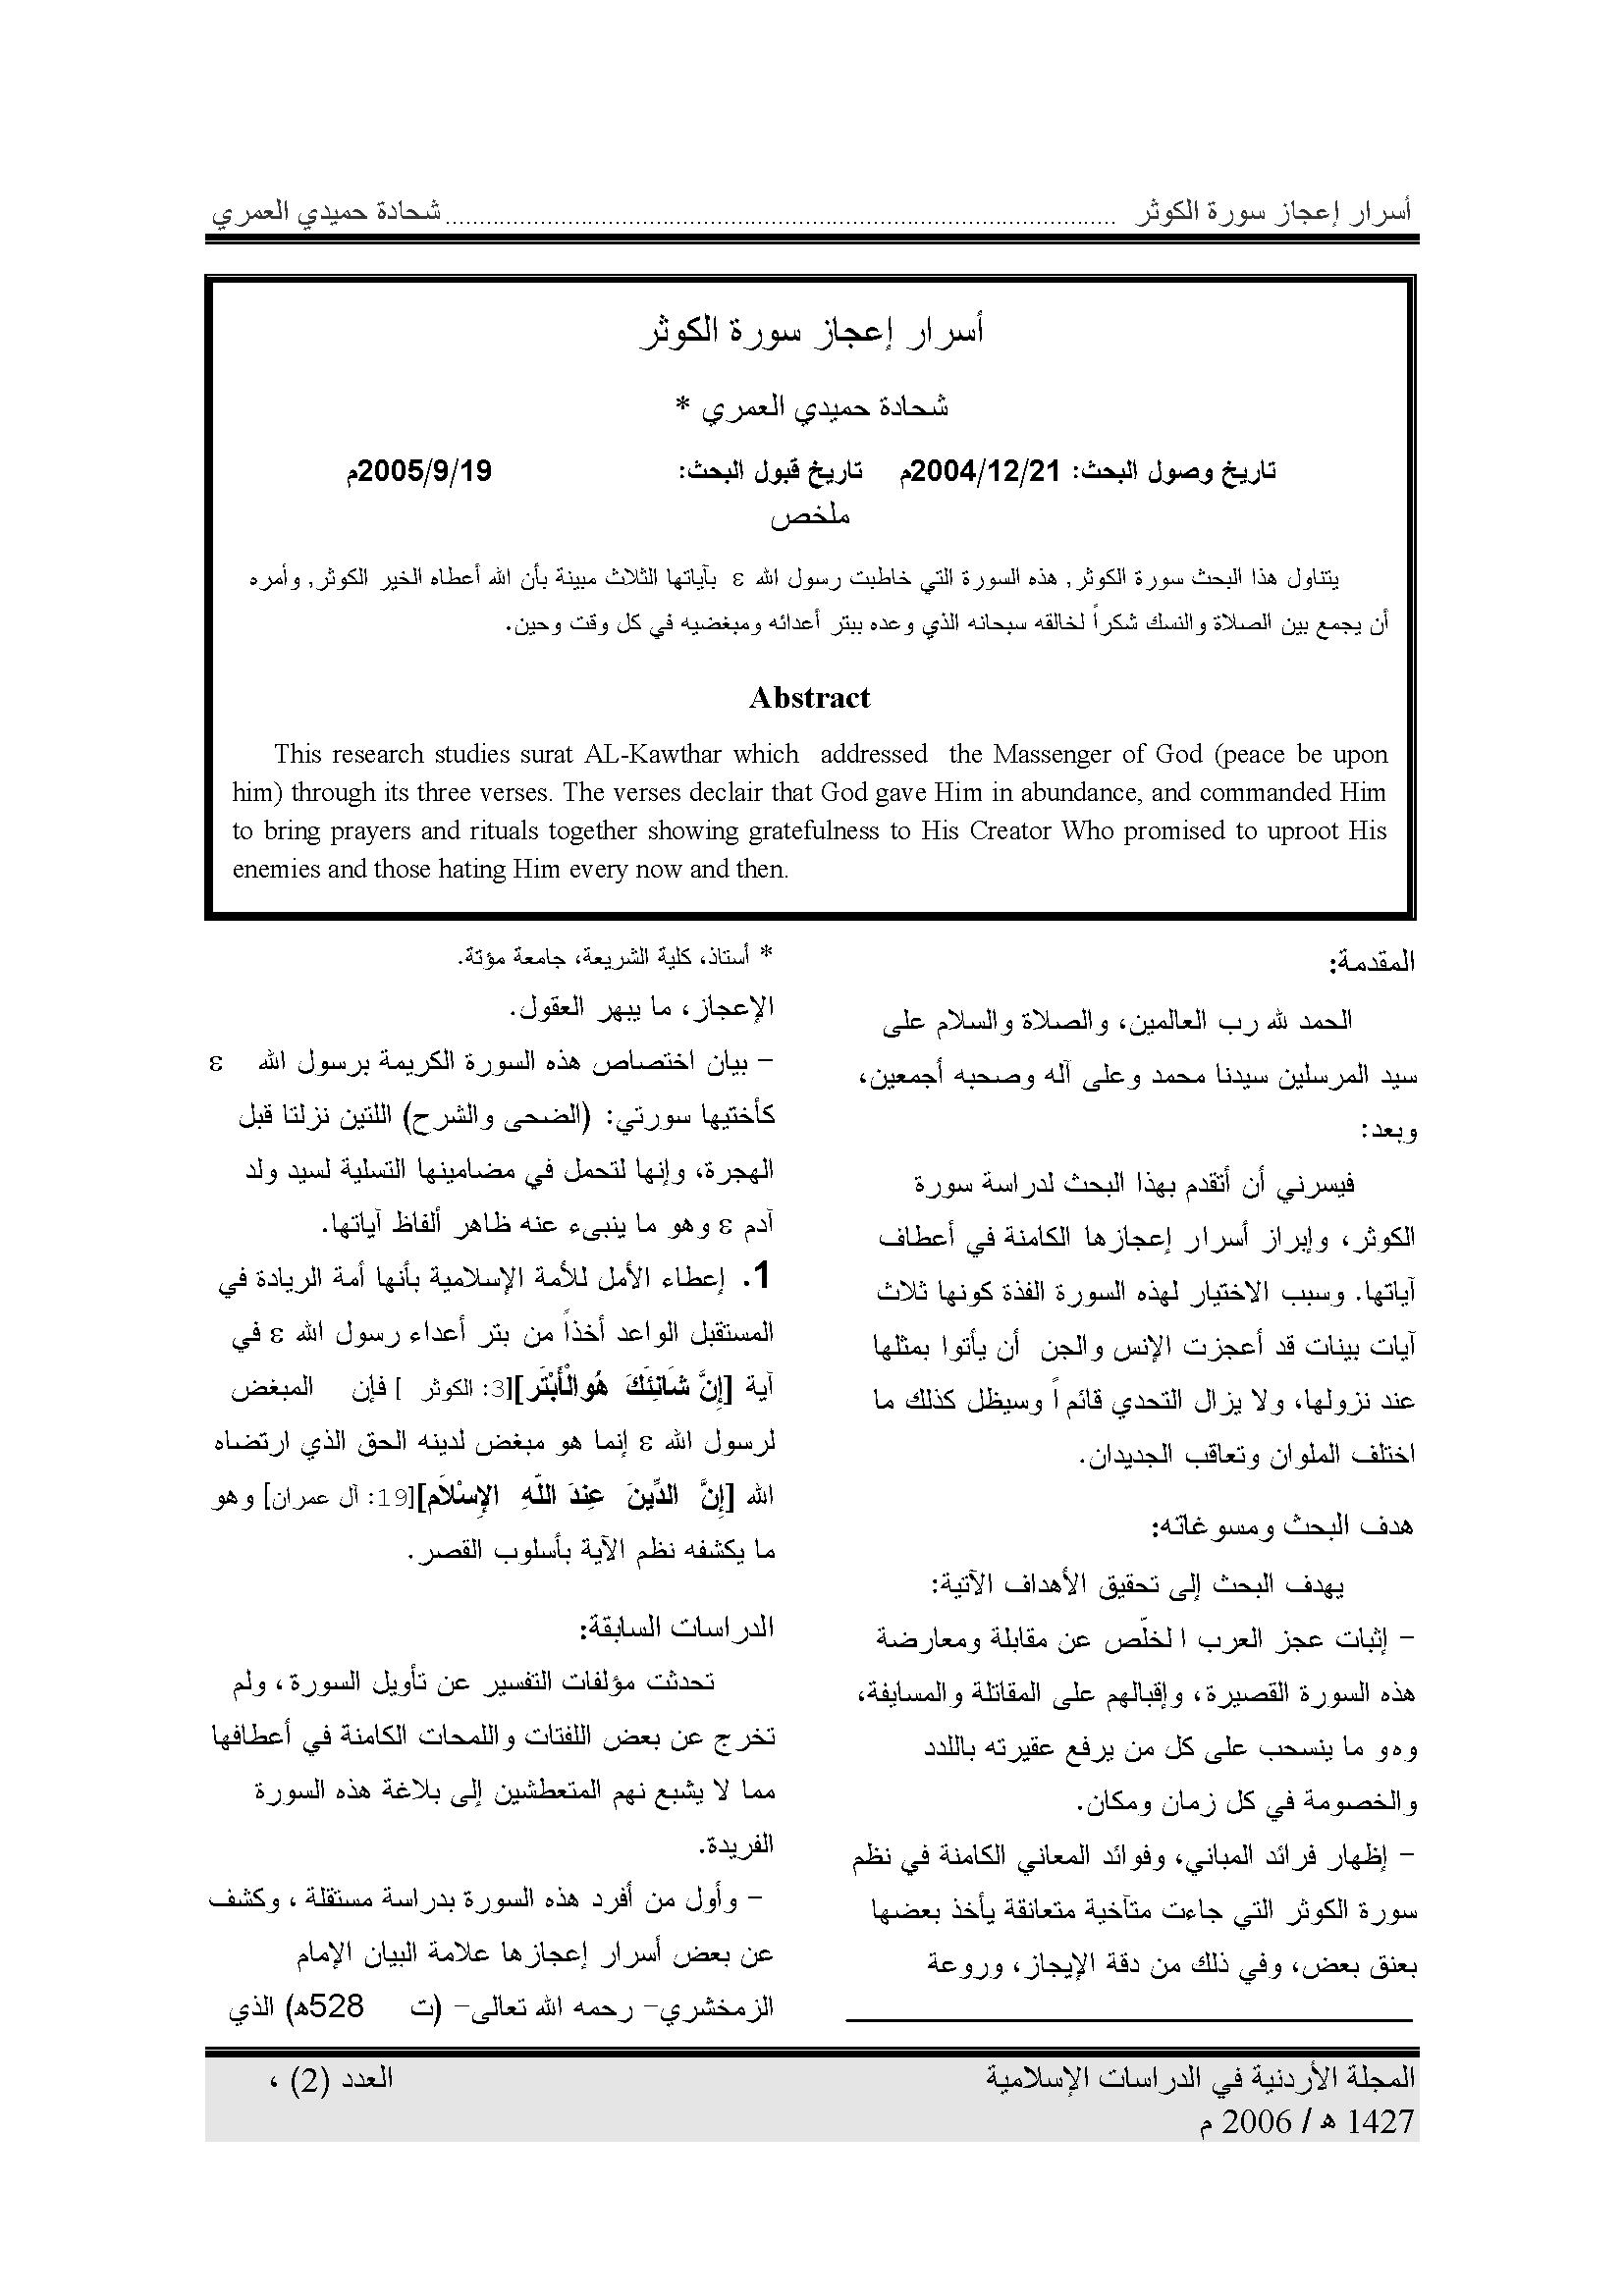 تحميل كتاب أسرار إعجاز سورة الكوثر لـِ: الدكتور شحادة حميدي البخيت العمري